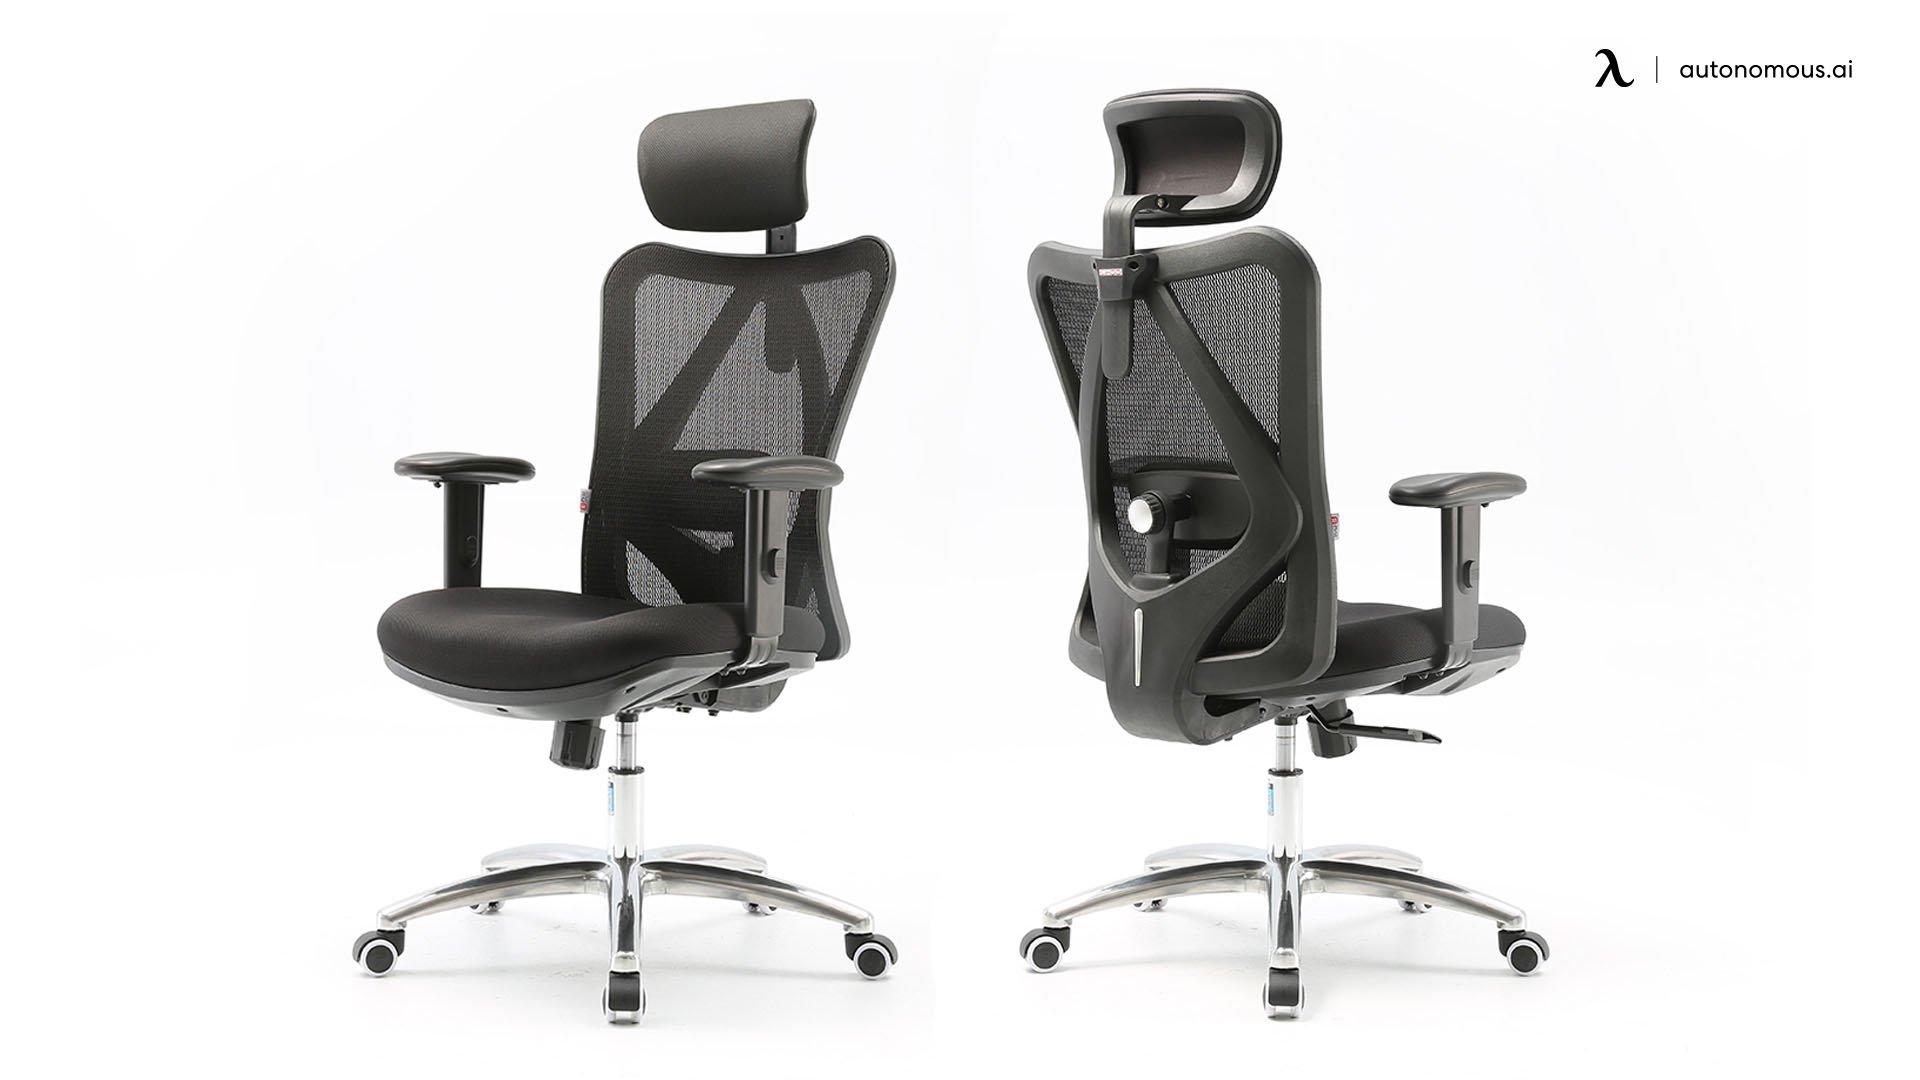 Sihoo M18 Mesh Chair